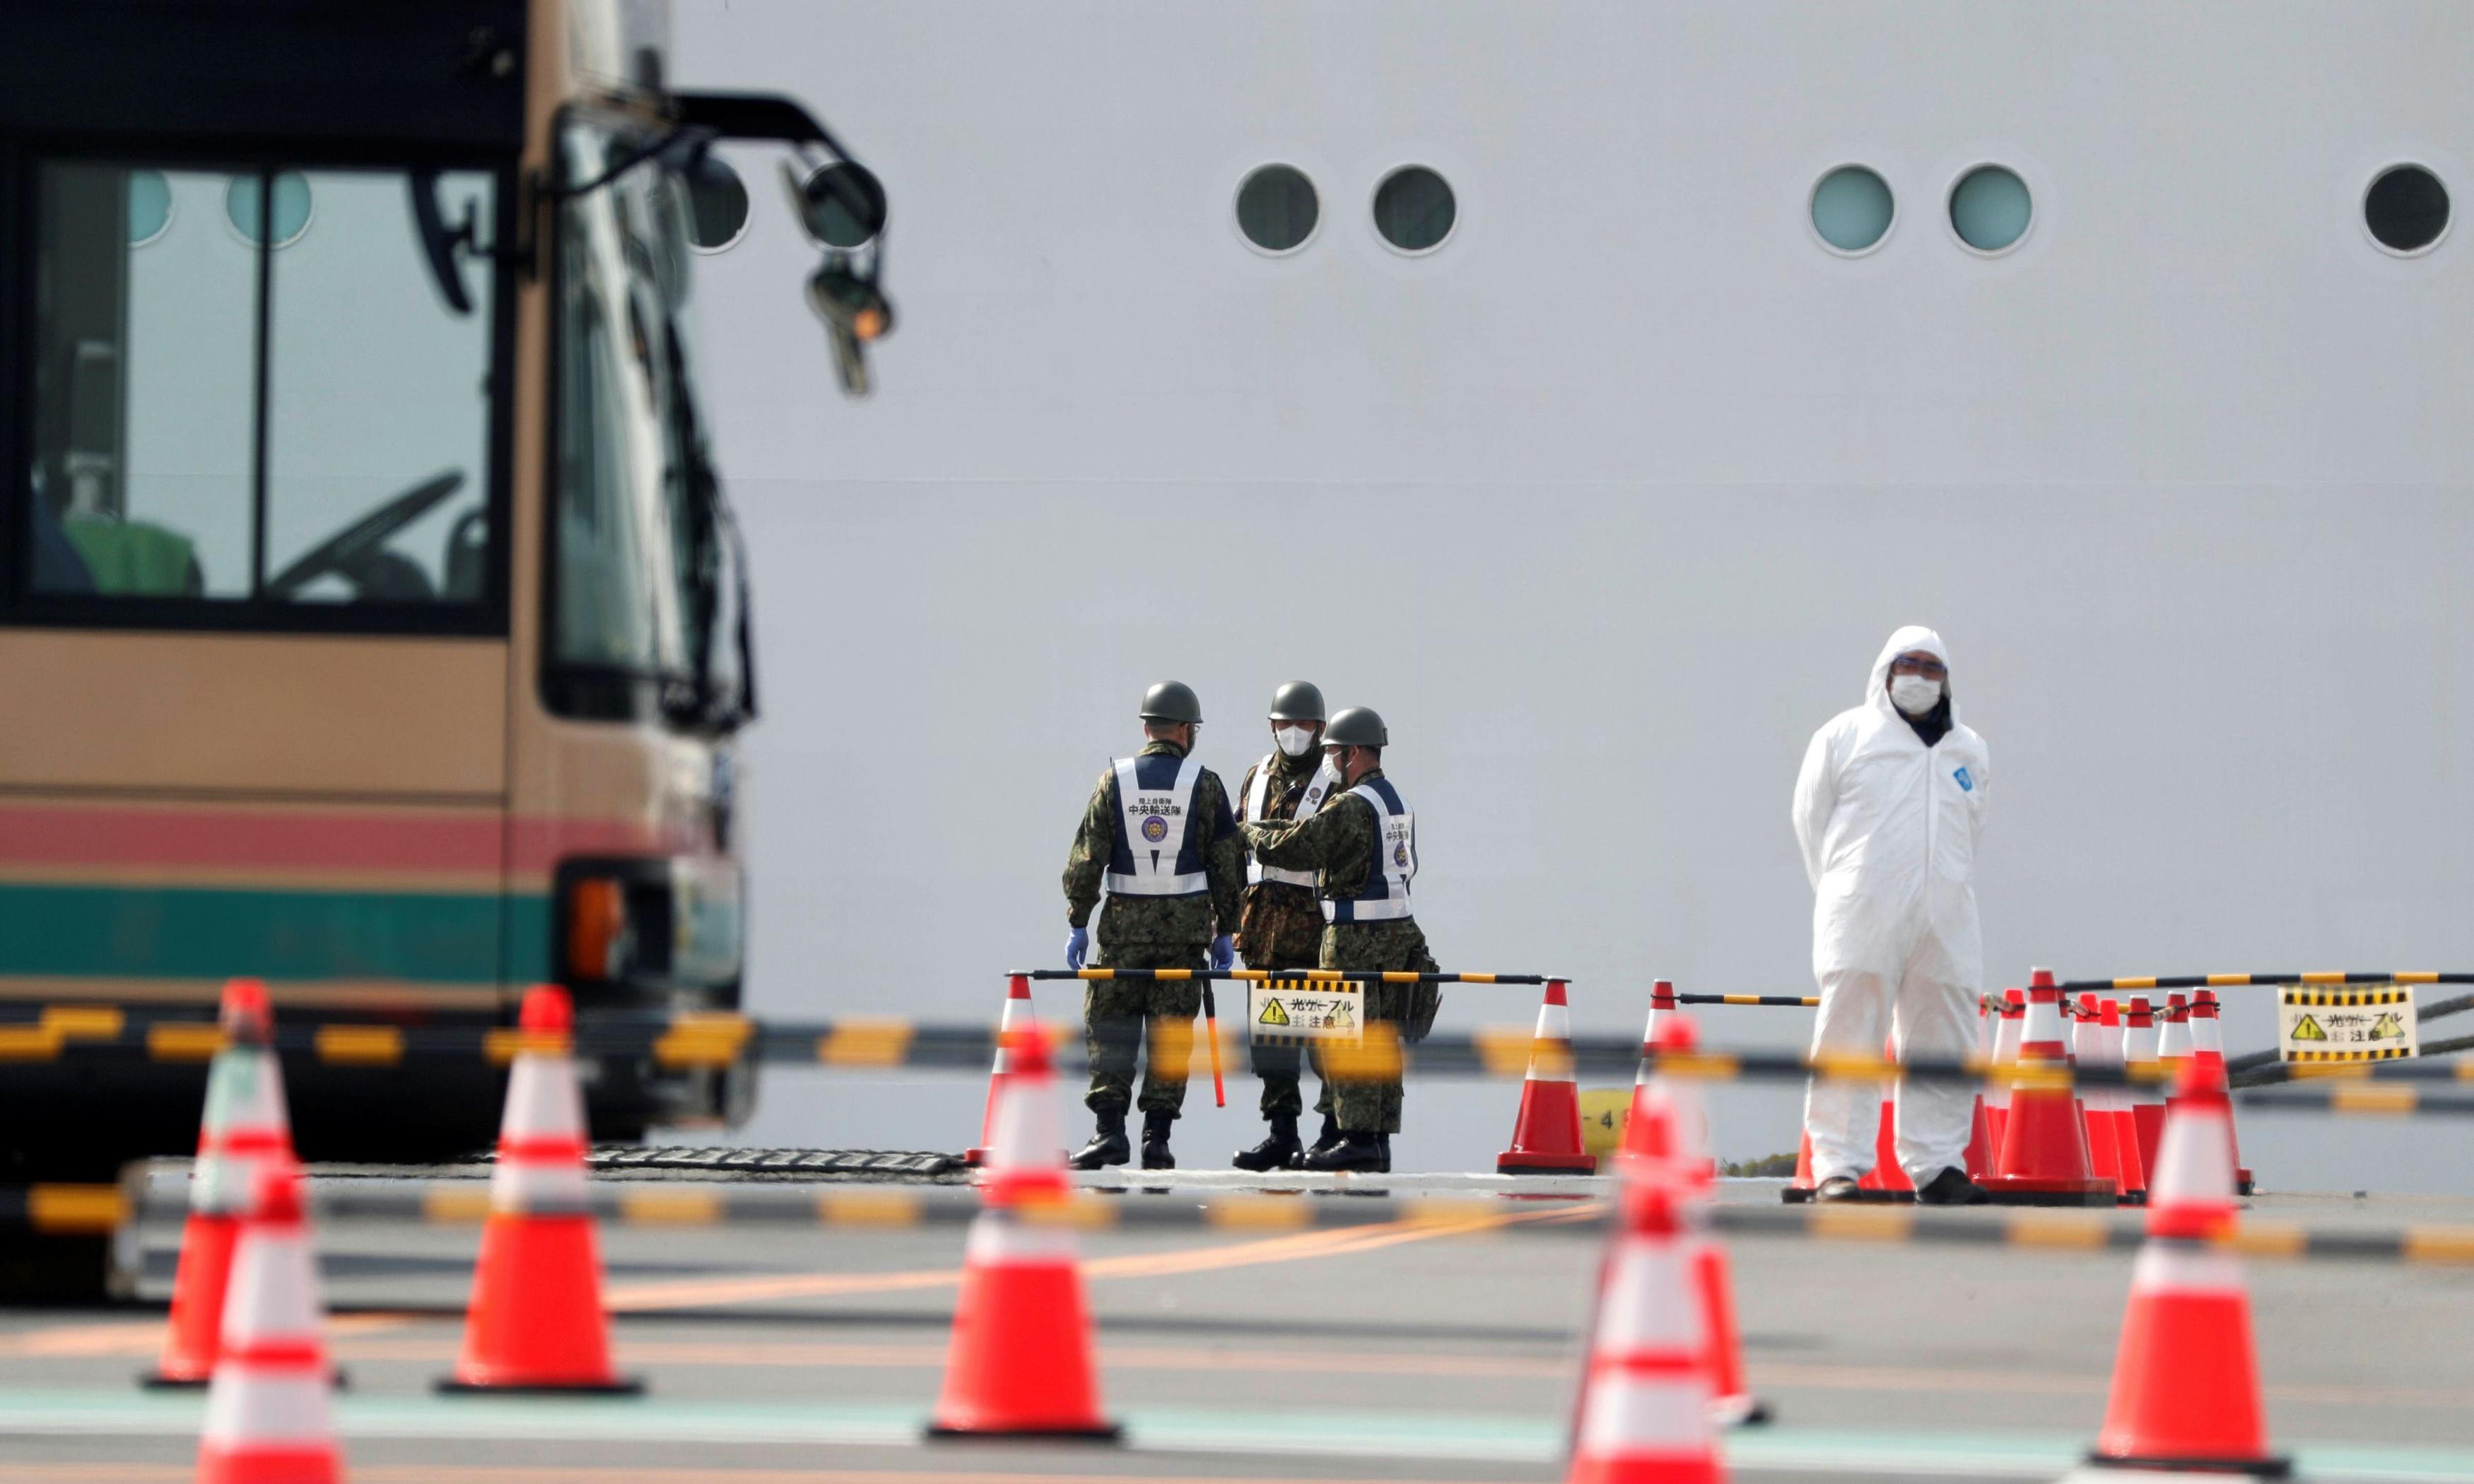 Coronavirus: two Diamond Princess passengers die as Japan defends quarantine